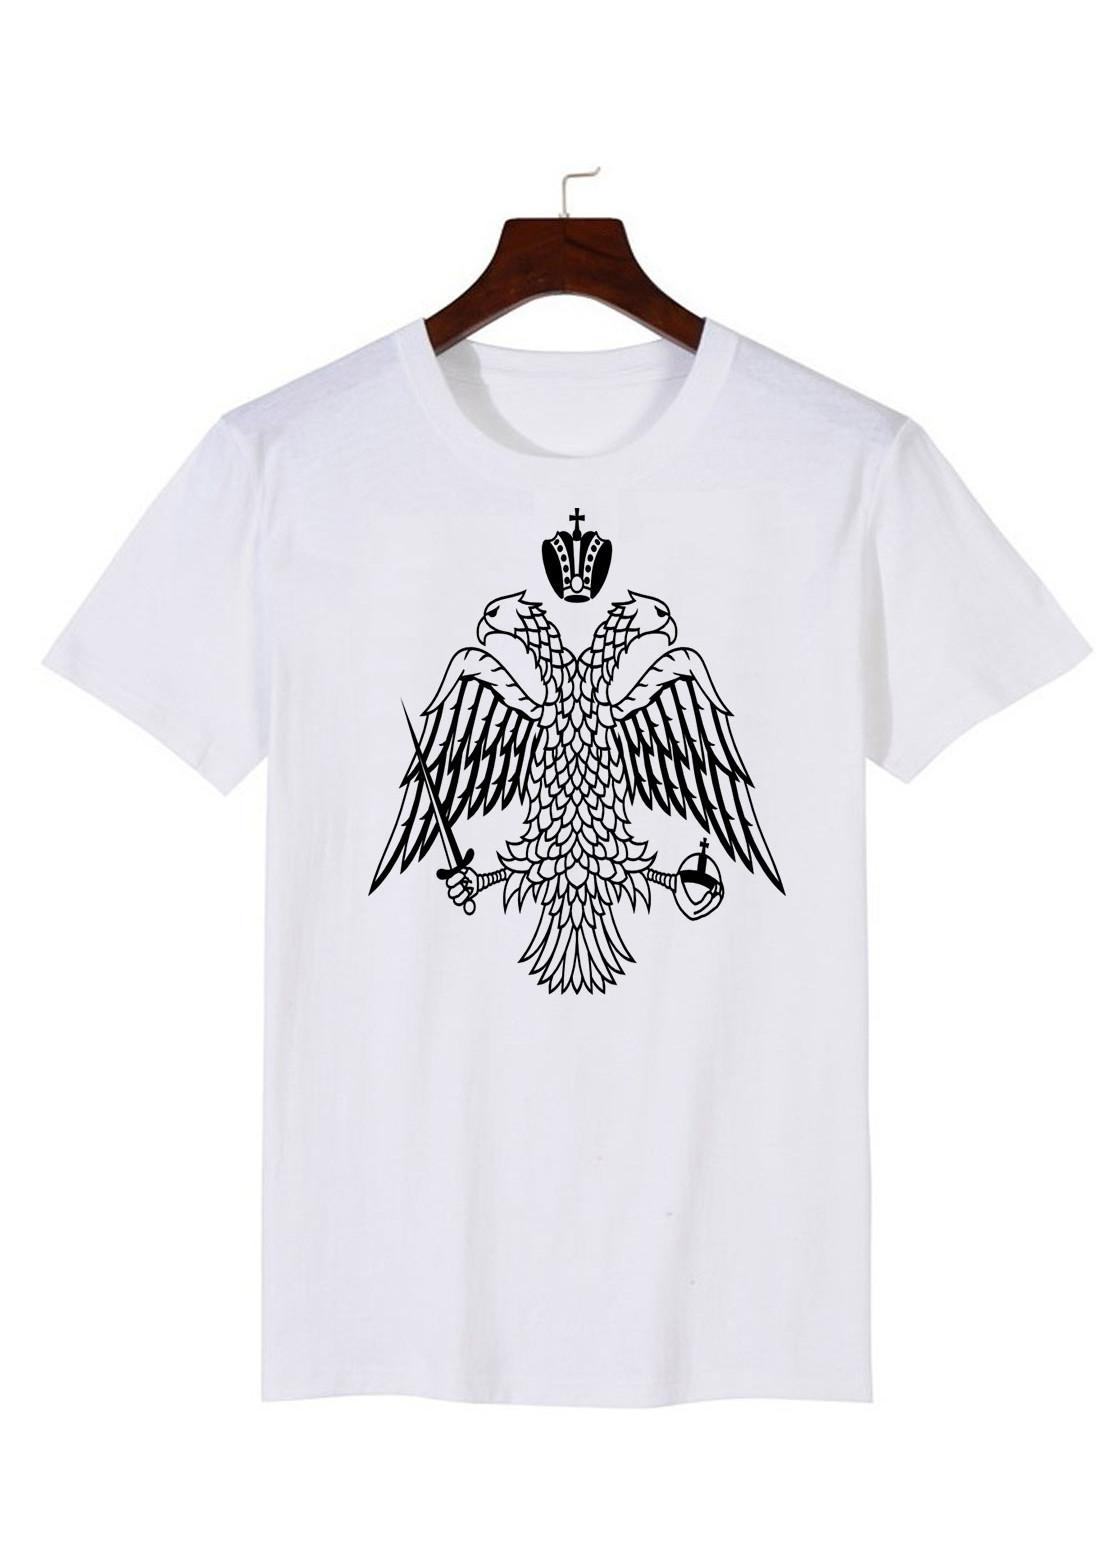 Áo thun đồng phục chủ đề cổ đại - 16566102 , 6488282623904 , 62_26341142 , 150000 , Ao-thun-dong-phuc-chu-de-co-dai-62_26341142 , tiki.vn , Áo thun đồng phục chủ đề cổ đại